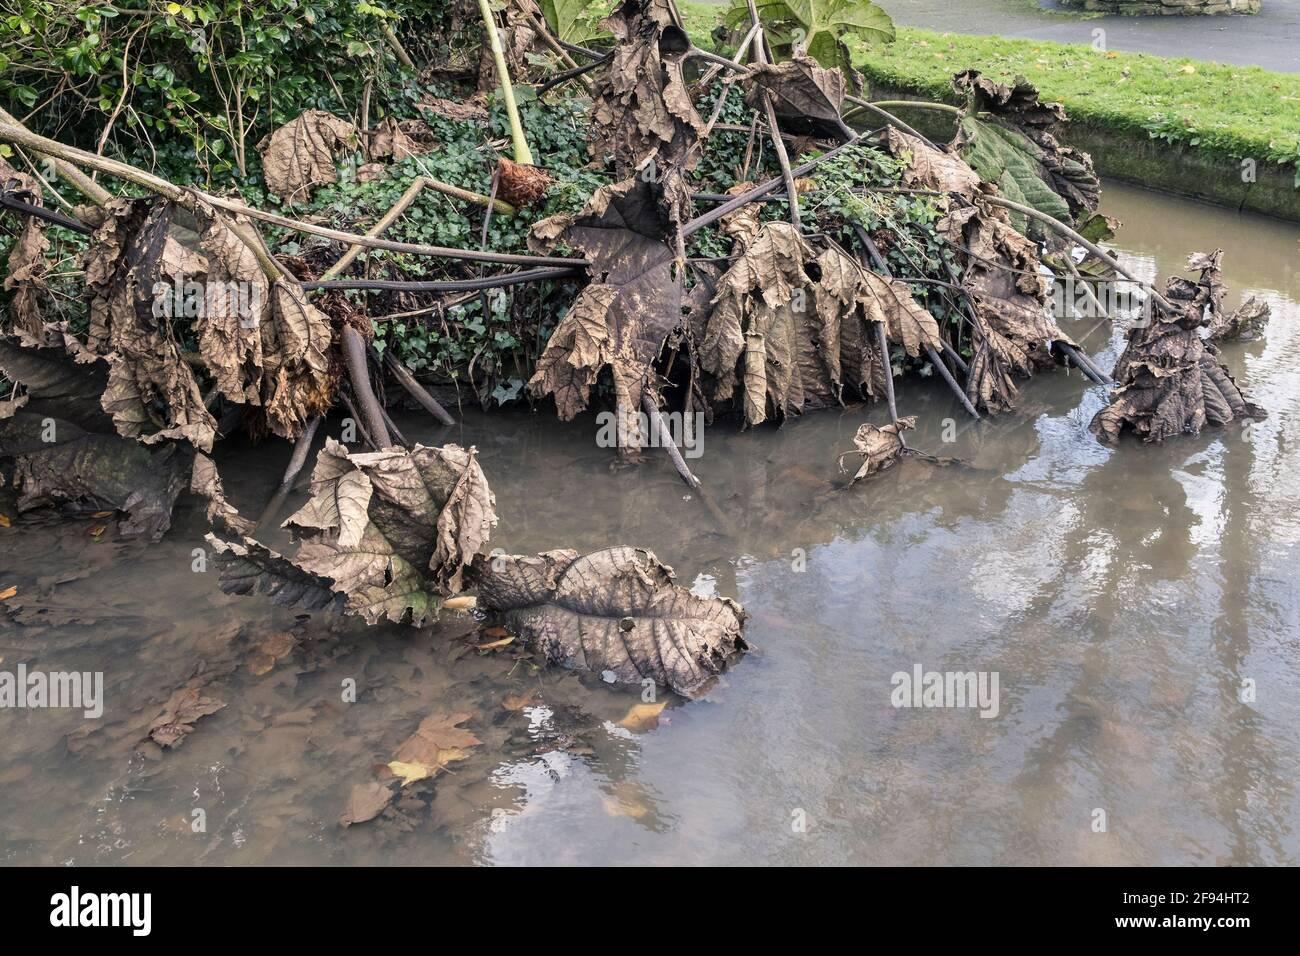 Les feuilles mortes et mourantes d'une manucata de Gunnera en automne. Banque D'Images